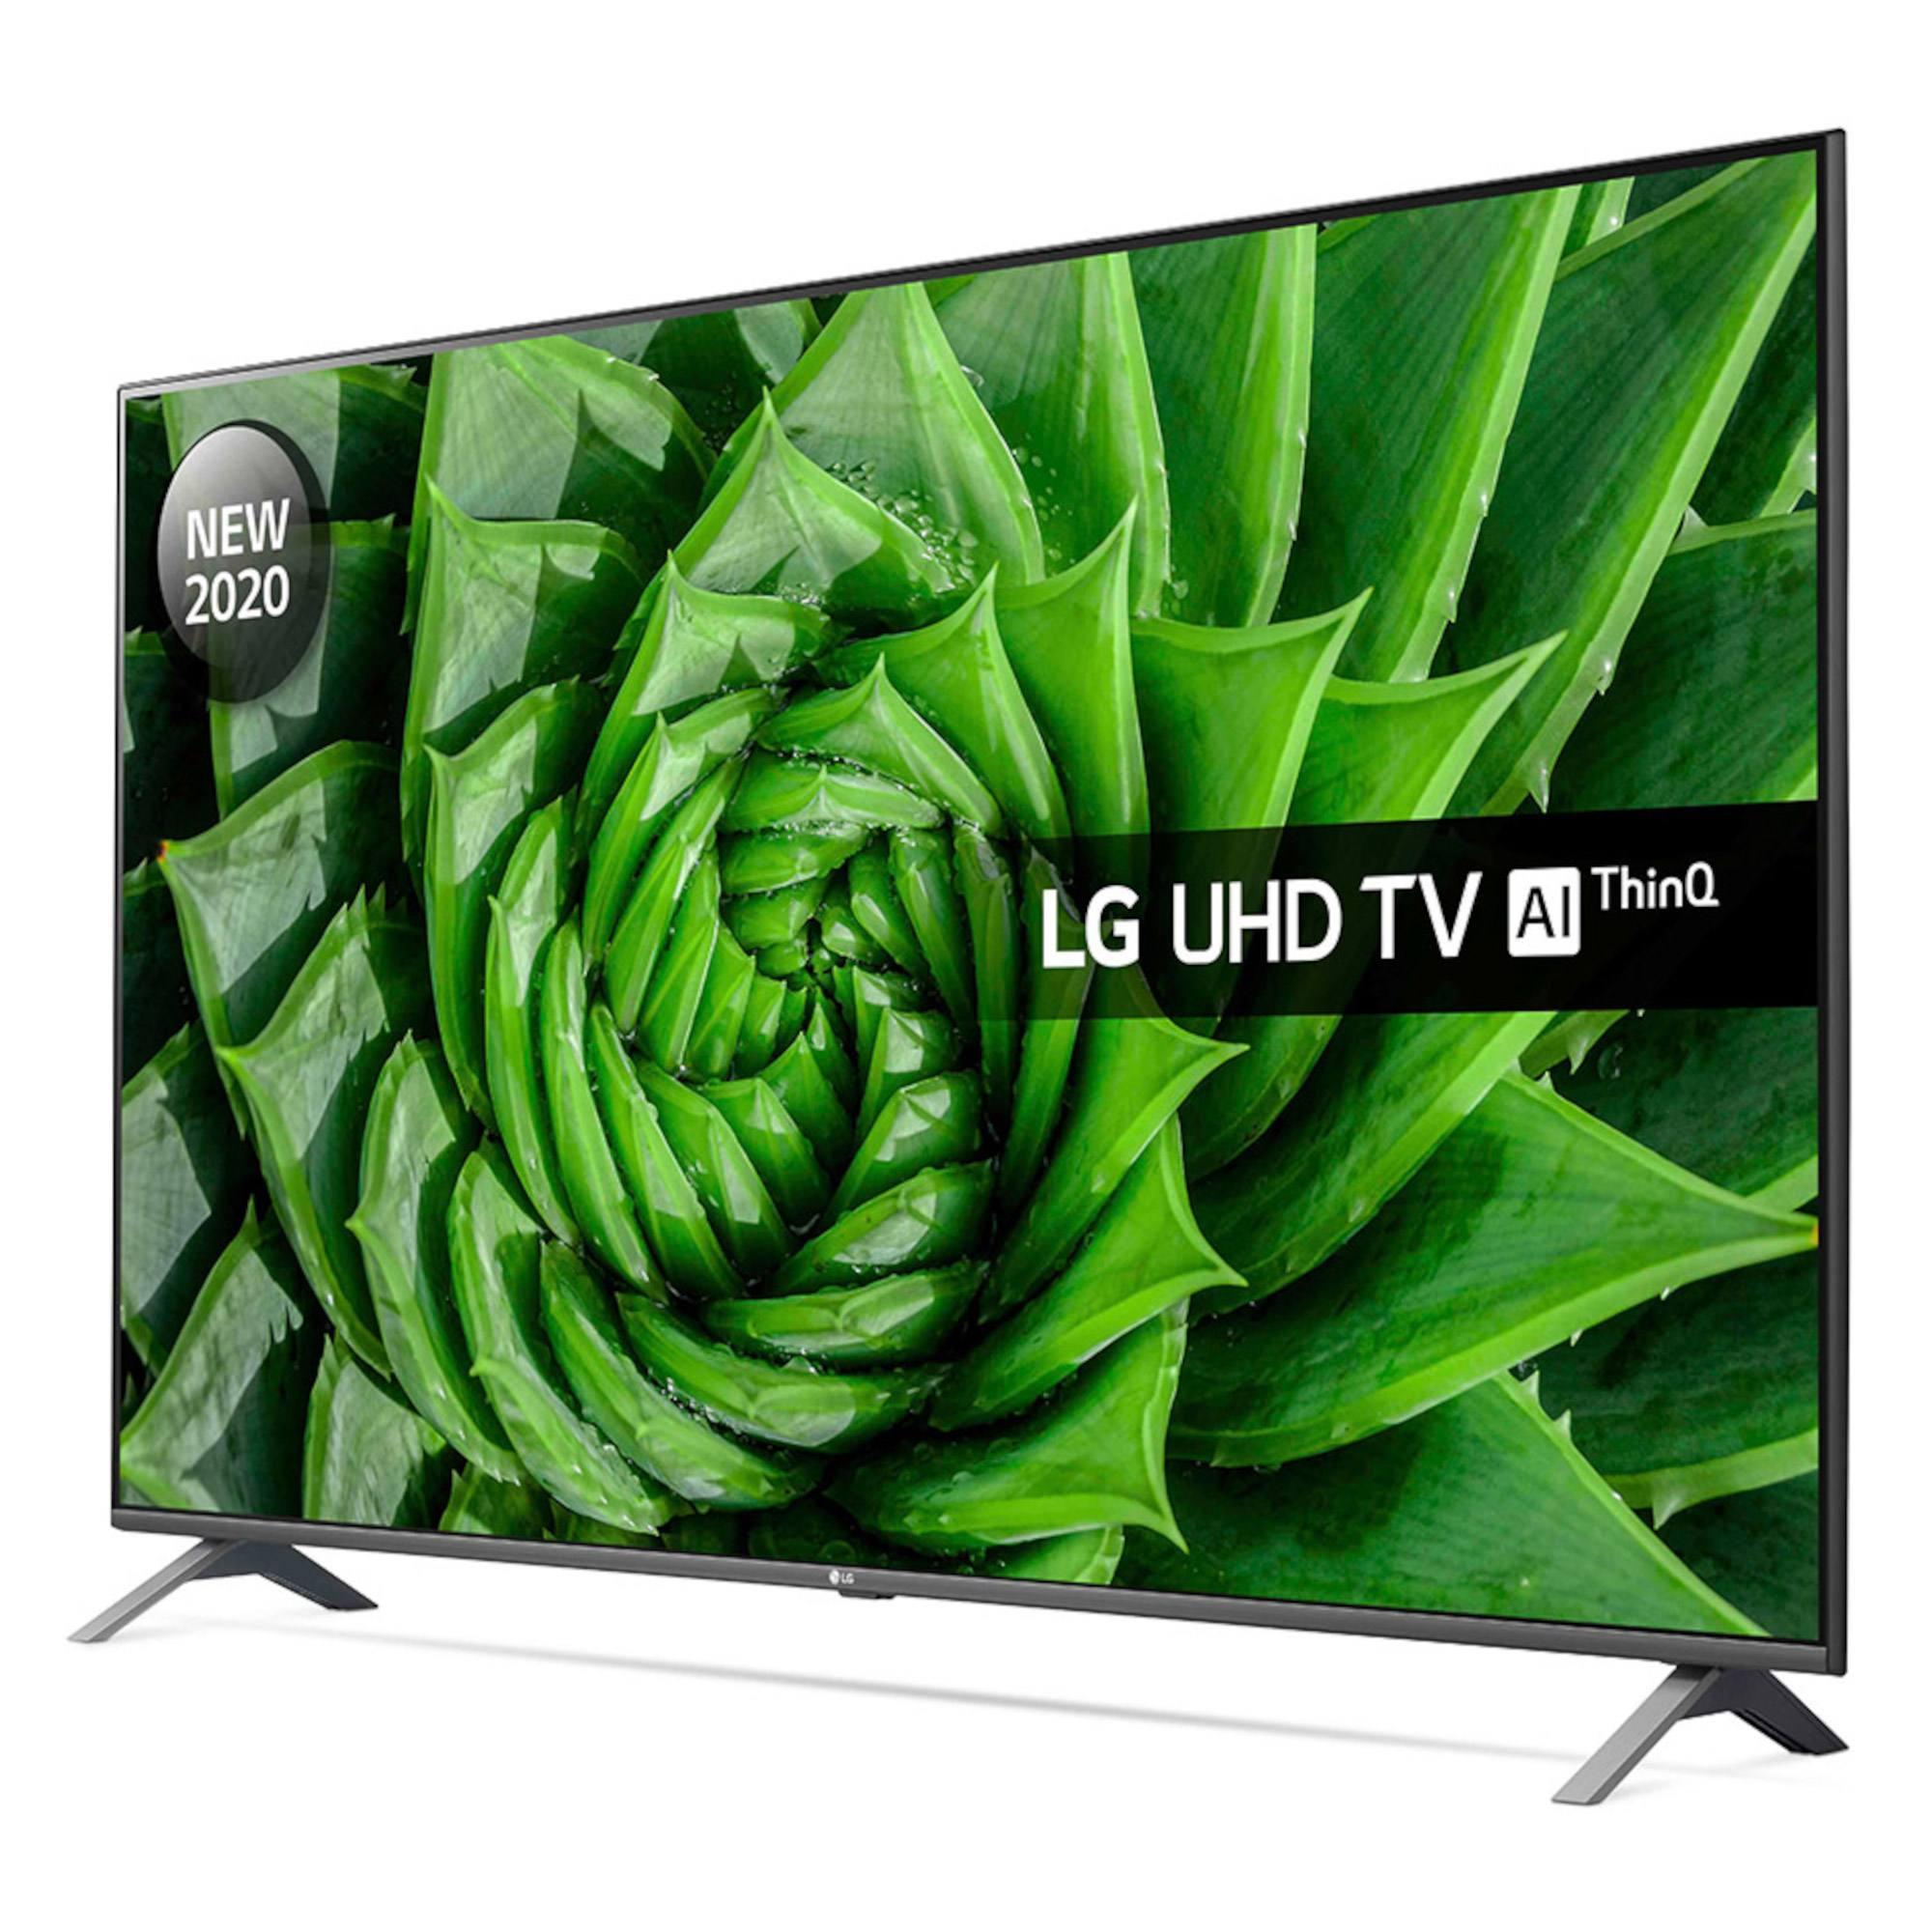 """LG 65UN80006LA 65"""" Smart 4K Ultra HD HDR LED TV with Google Assistant & Alexa"""